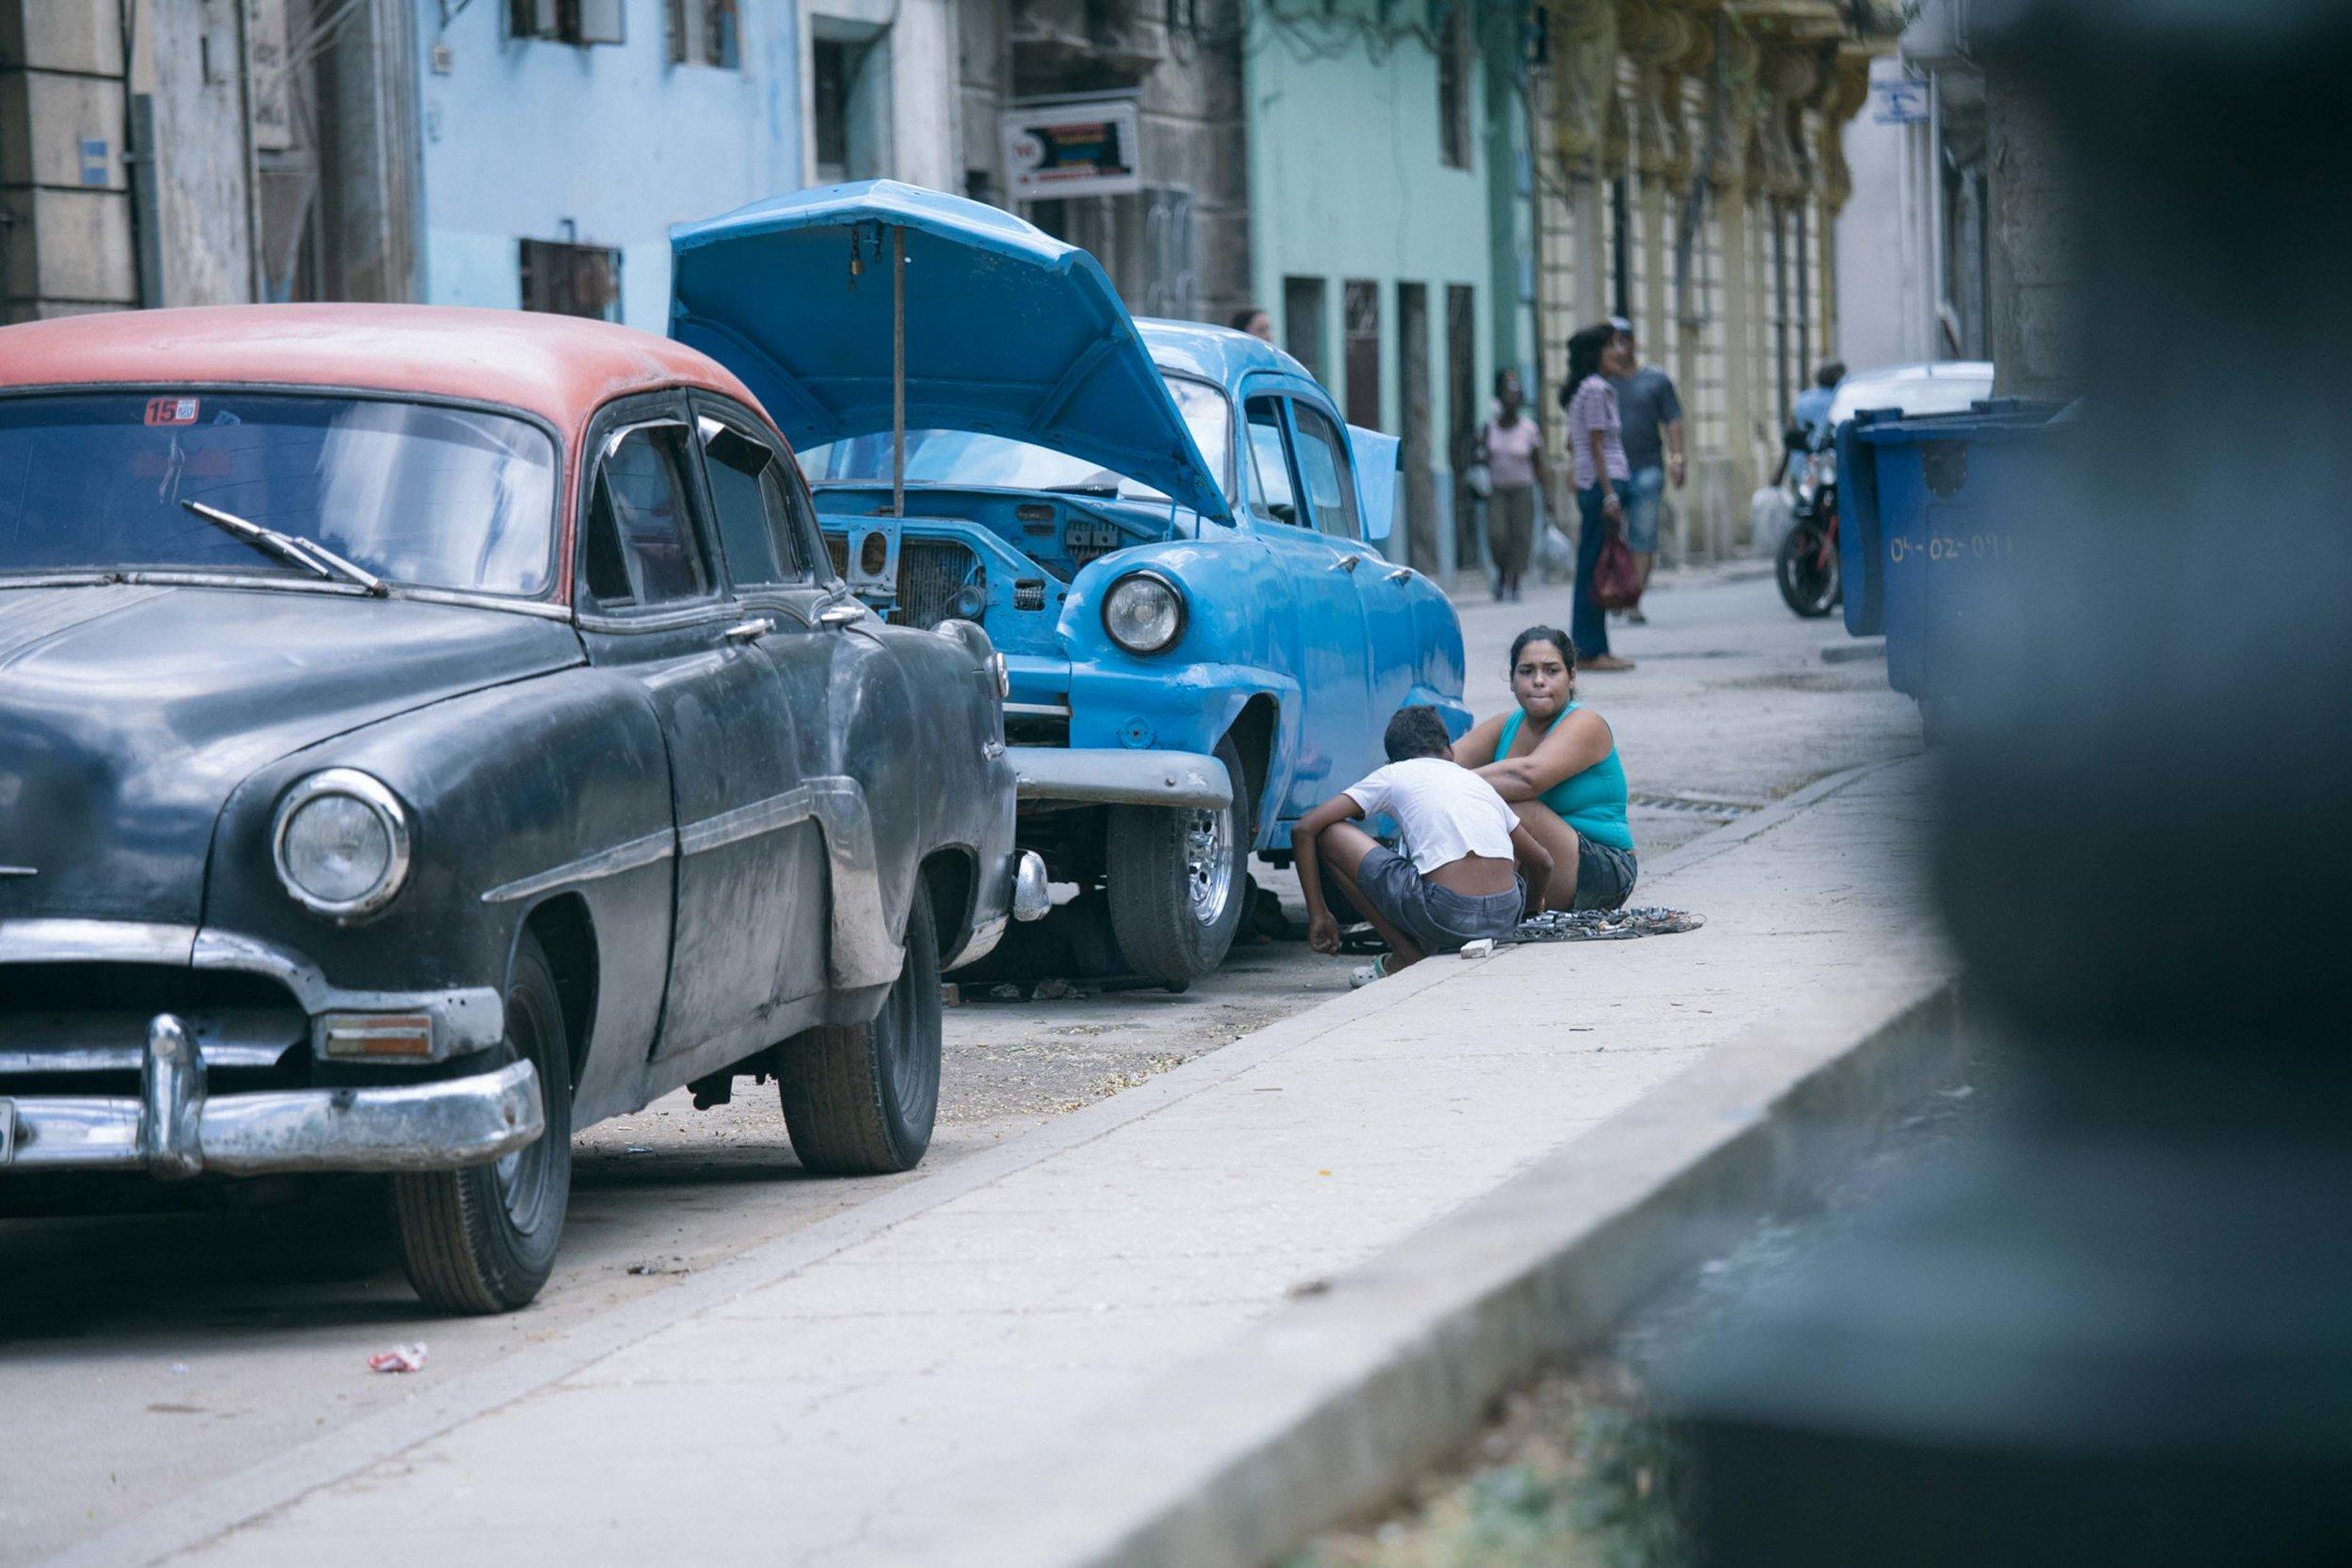 Cuba-davidbraud-0502.jpg